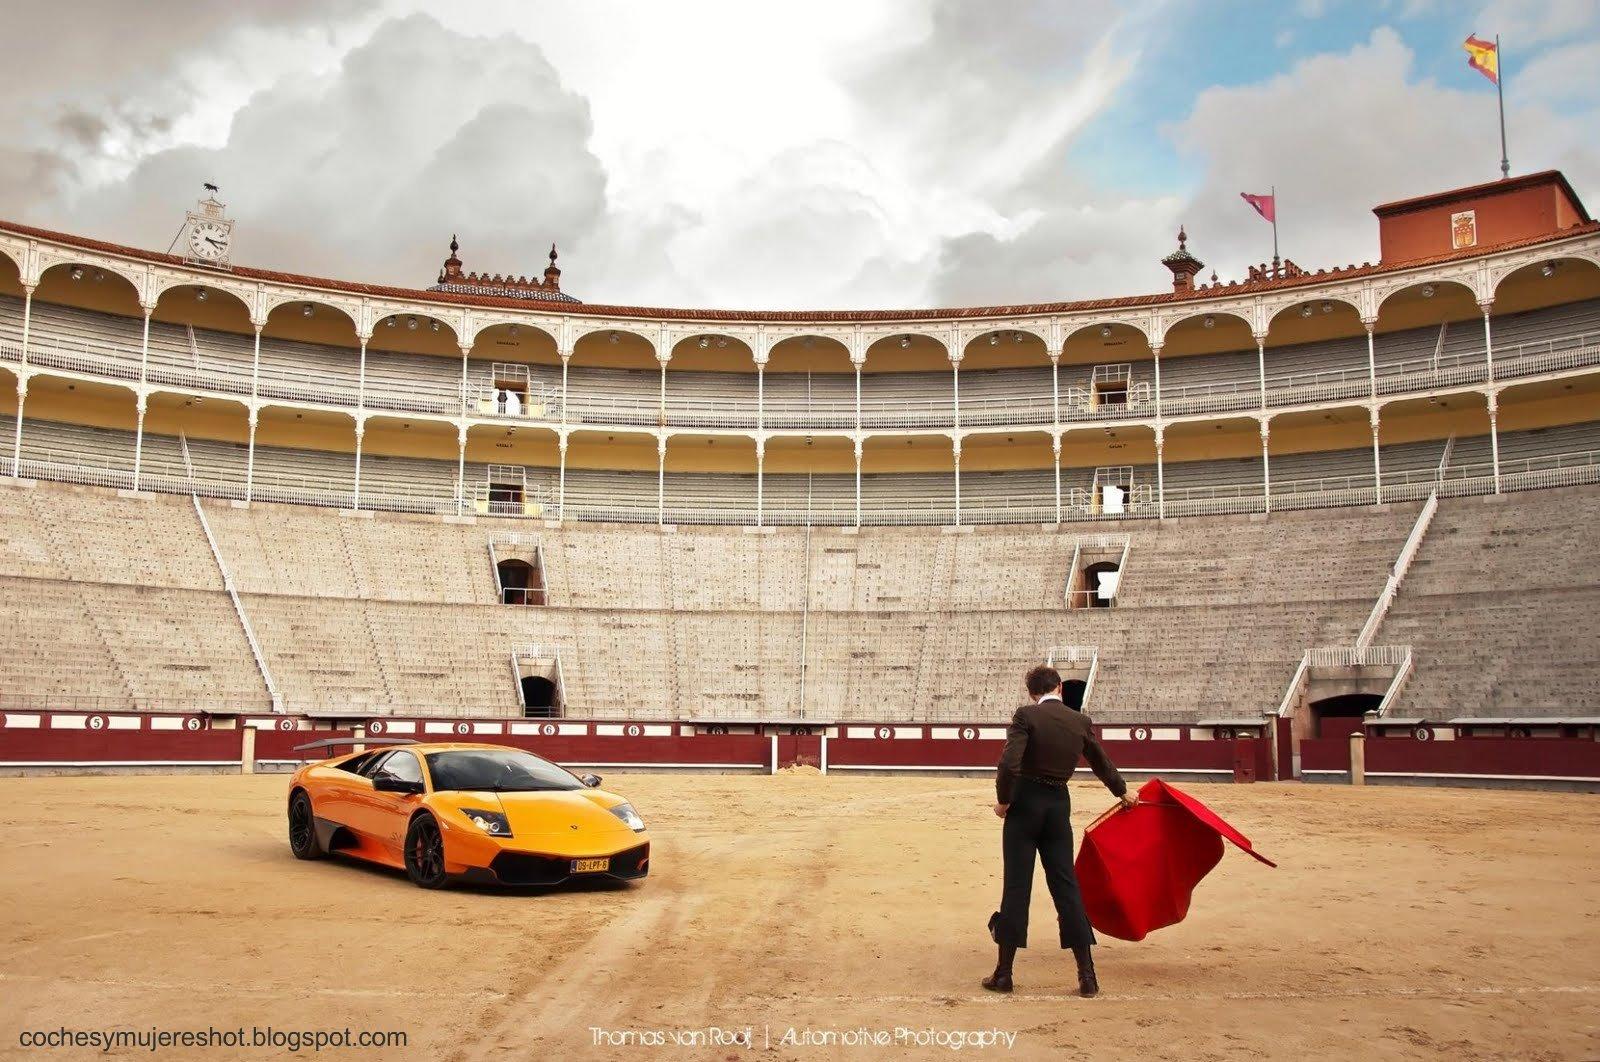 http://3.bp.blogspot.com/-5MB4EEQ1mqA/TtD7Q4EVa3I/AAAAAAAAAgE/cPrciMpf0k0/s1600/automovil-lamborghini-murcielago-carros-mujeres-deportivo-wallpaper-hd%2B689%2B%255Bcochesymujeresa.blogspot.com%255D.jpg